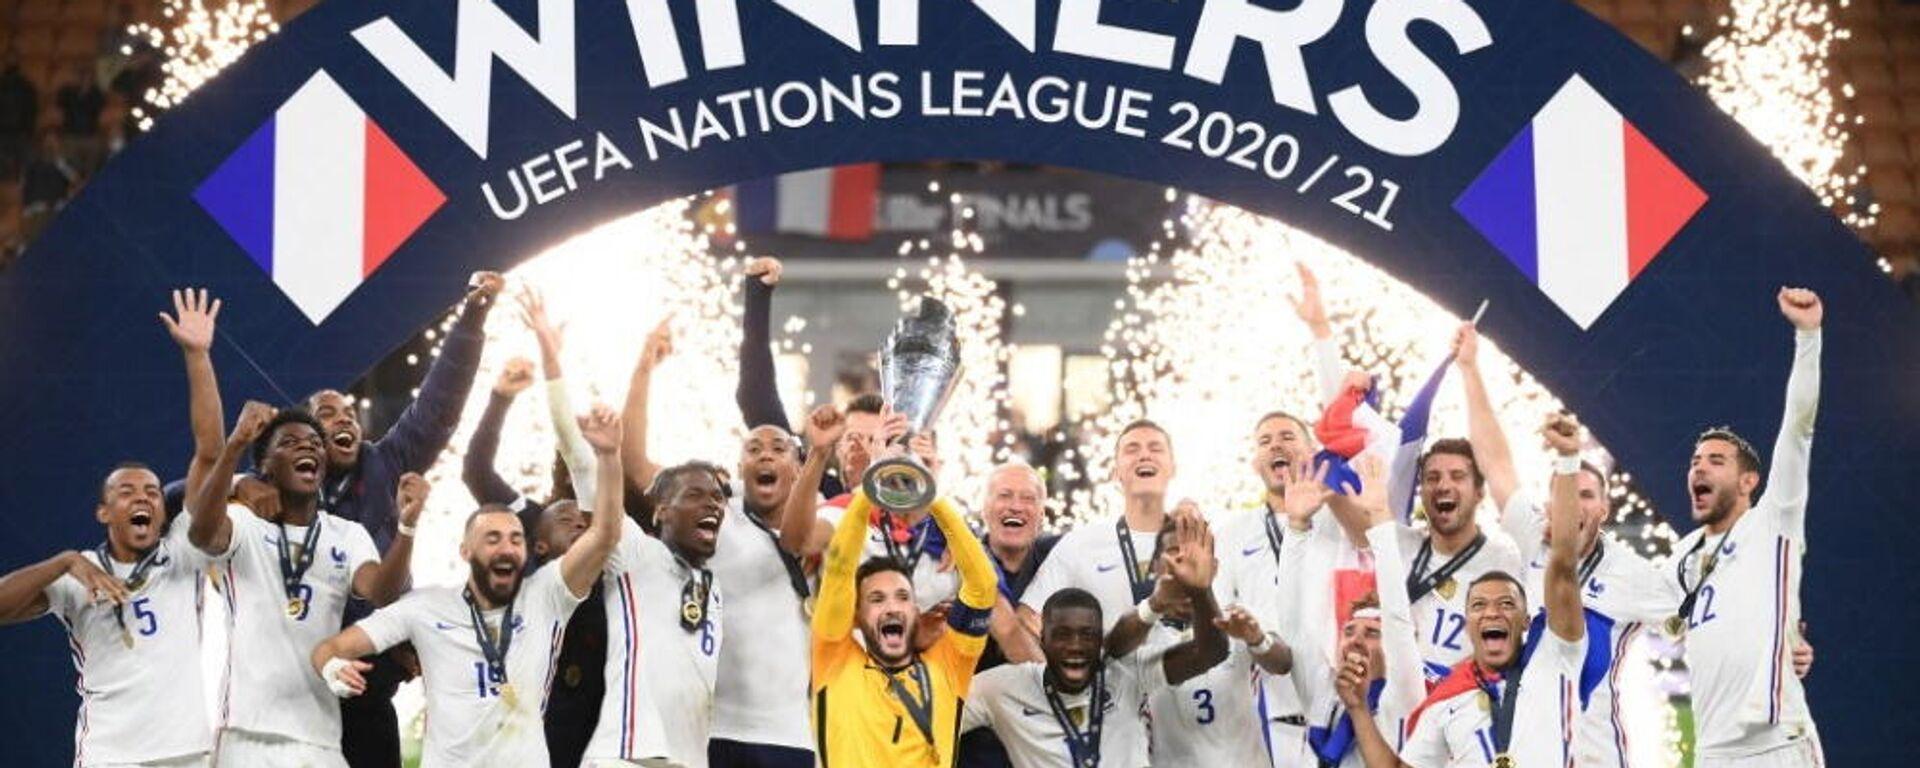 Η Γαλλία κατέκτησε το UEFA Nations League, 10 Οκτωβρίου 2021 - Sputnik Ελλάδα, 1920, 11.10.2021